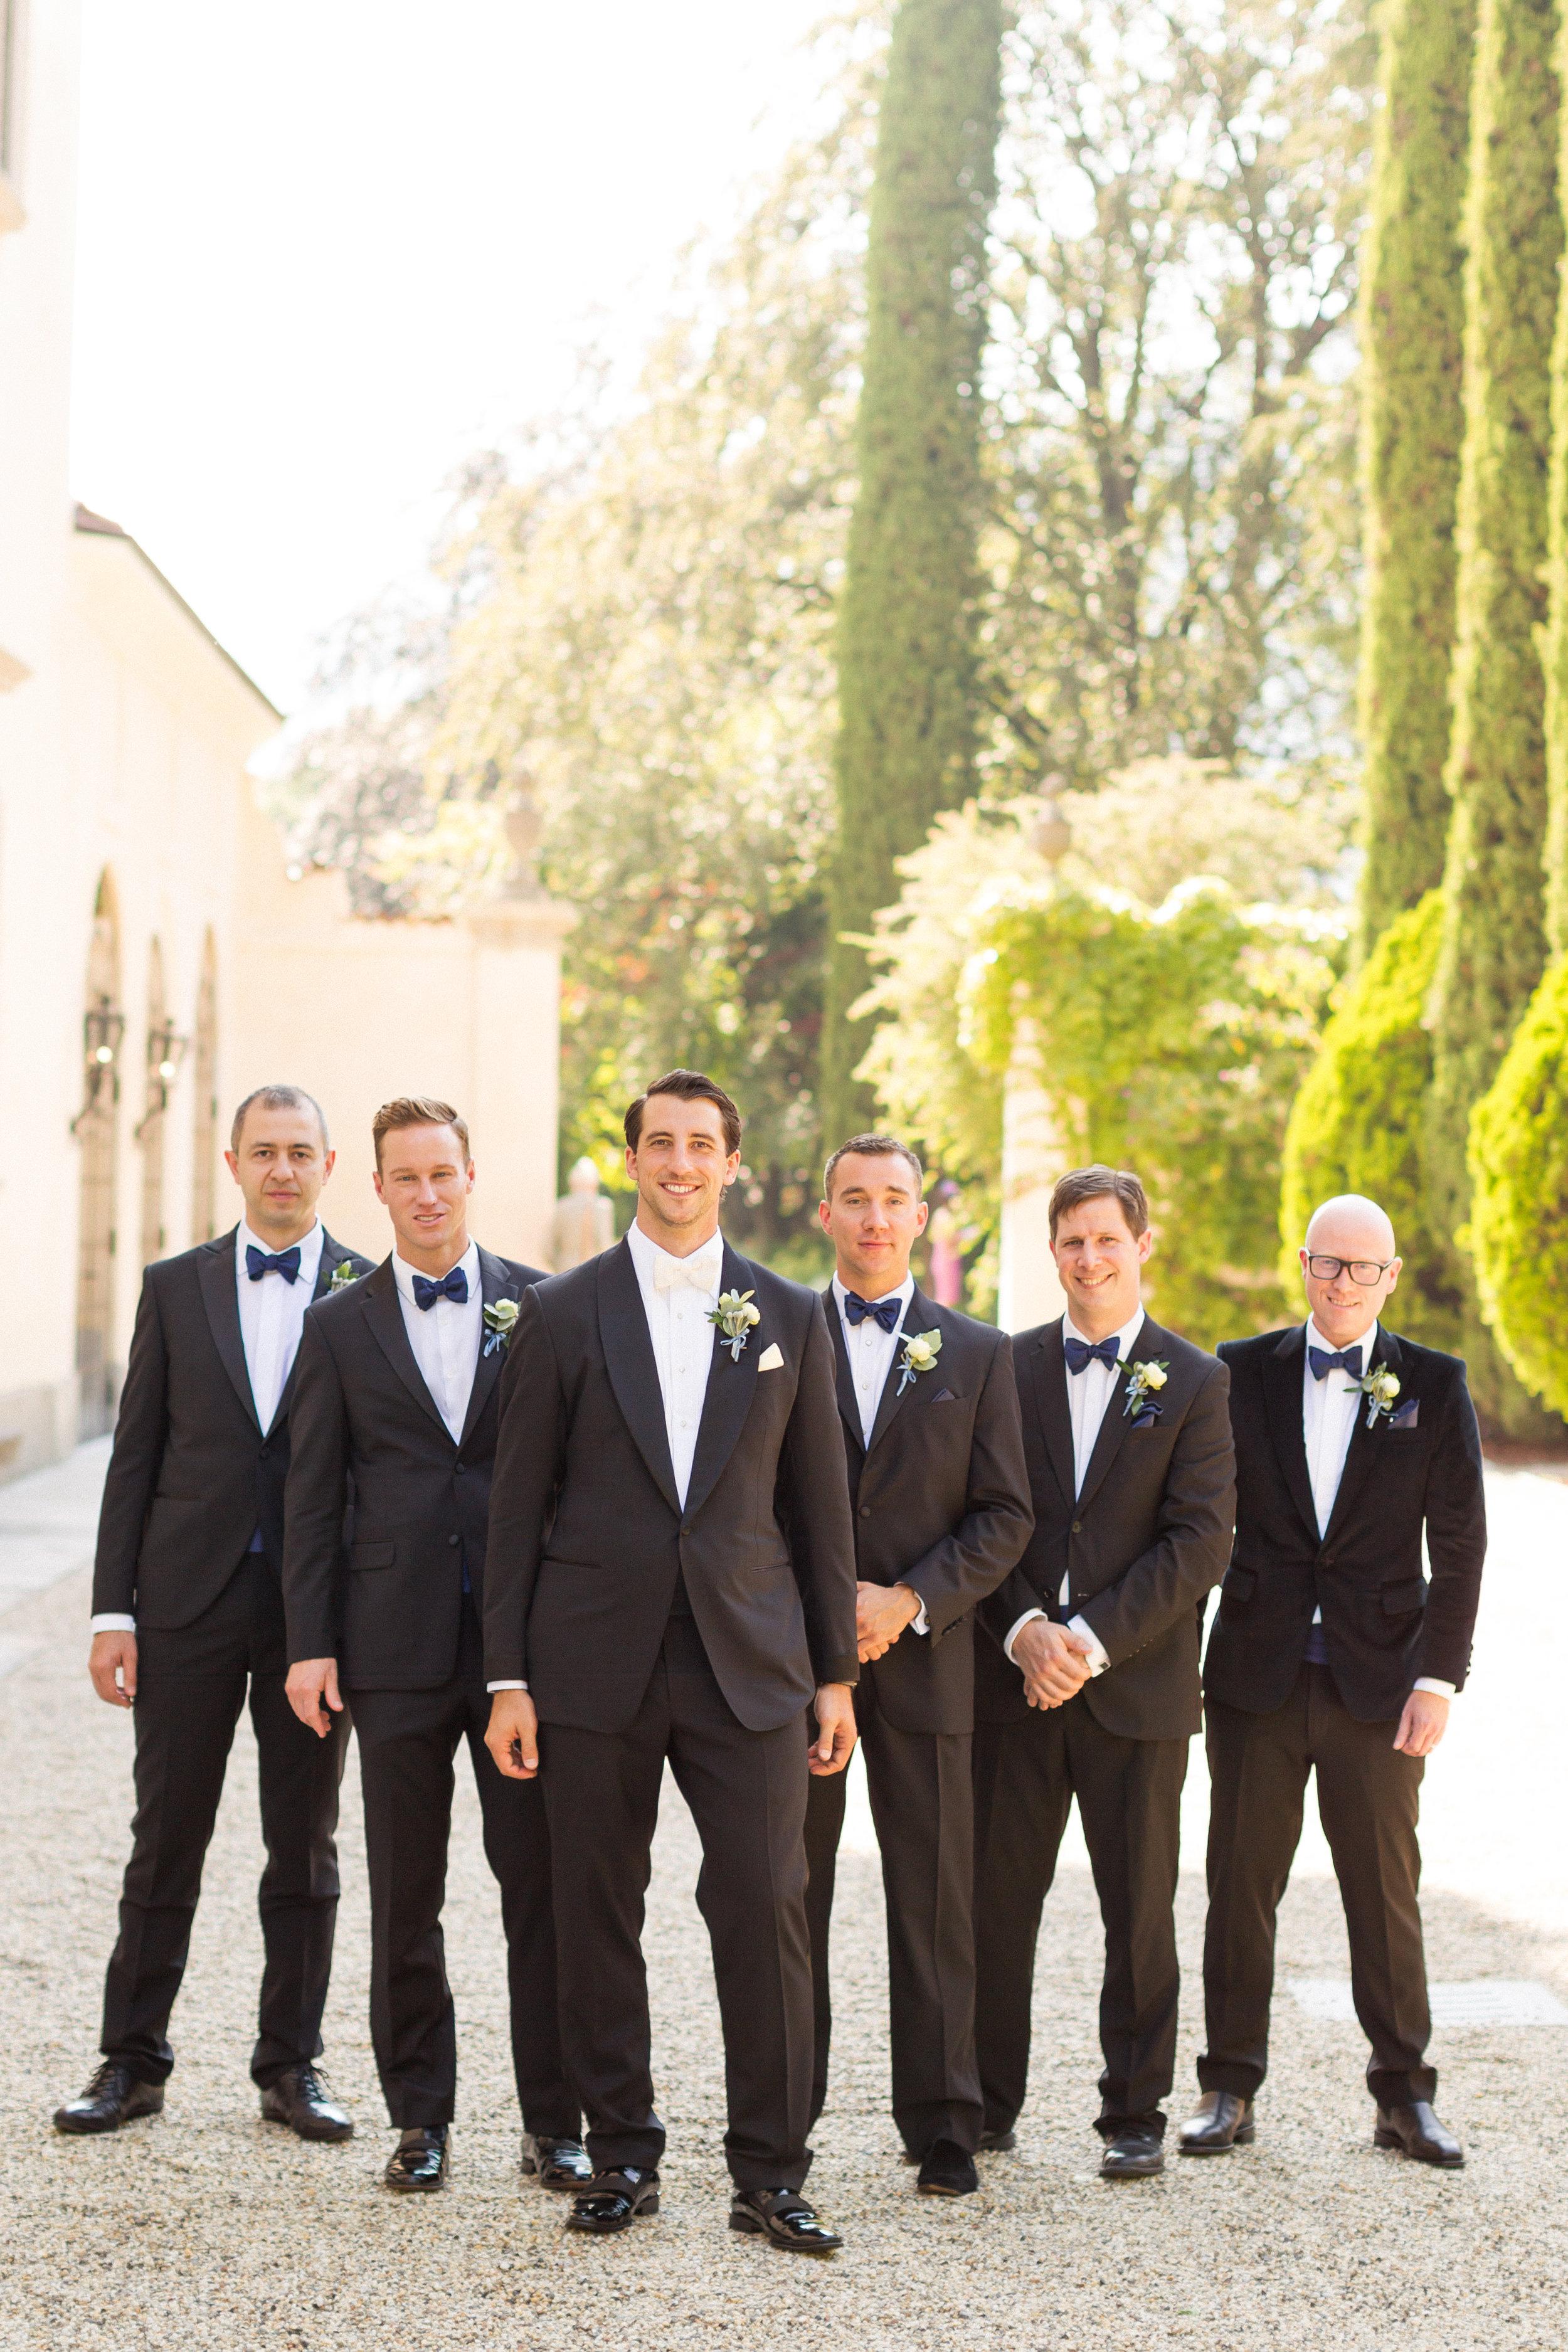 05_groomsmen-0537.jpg